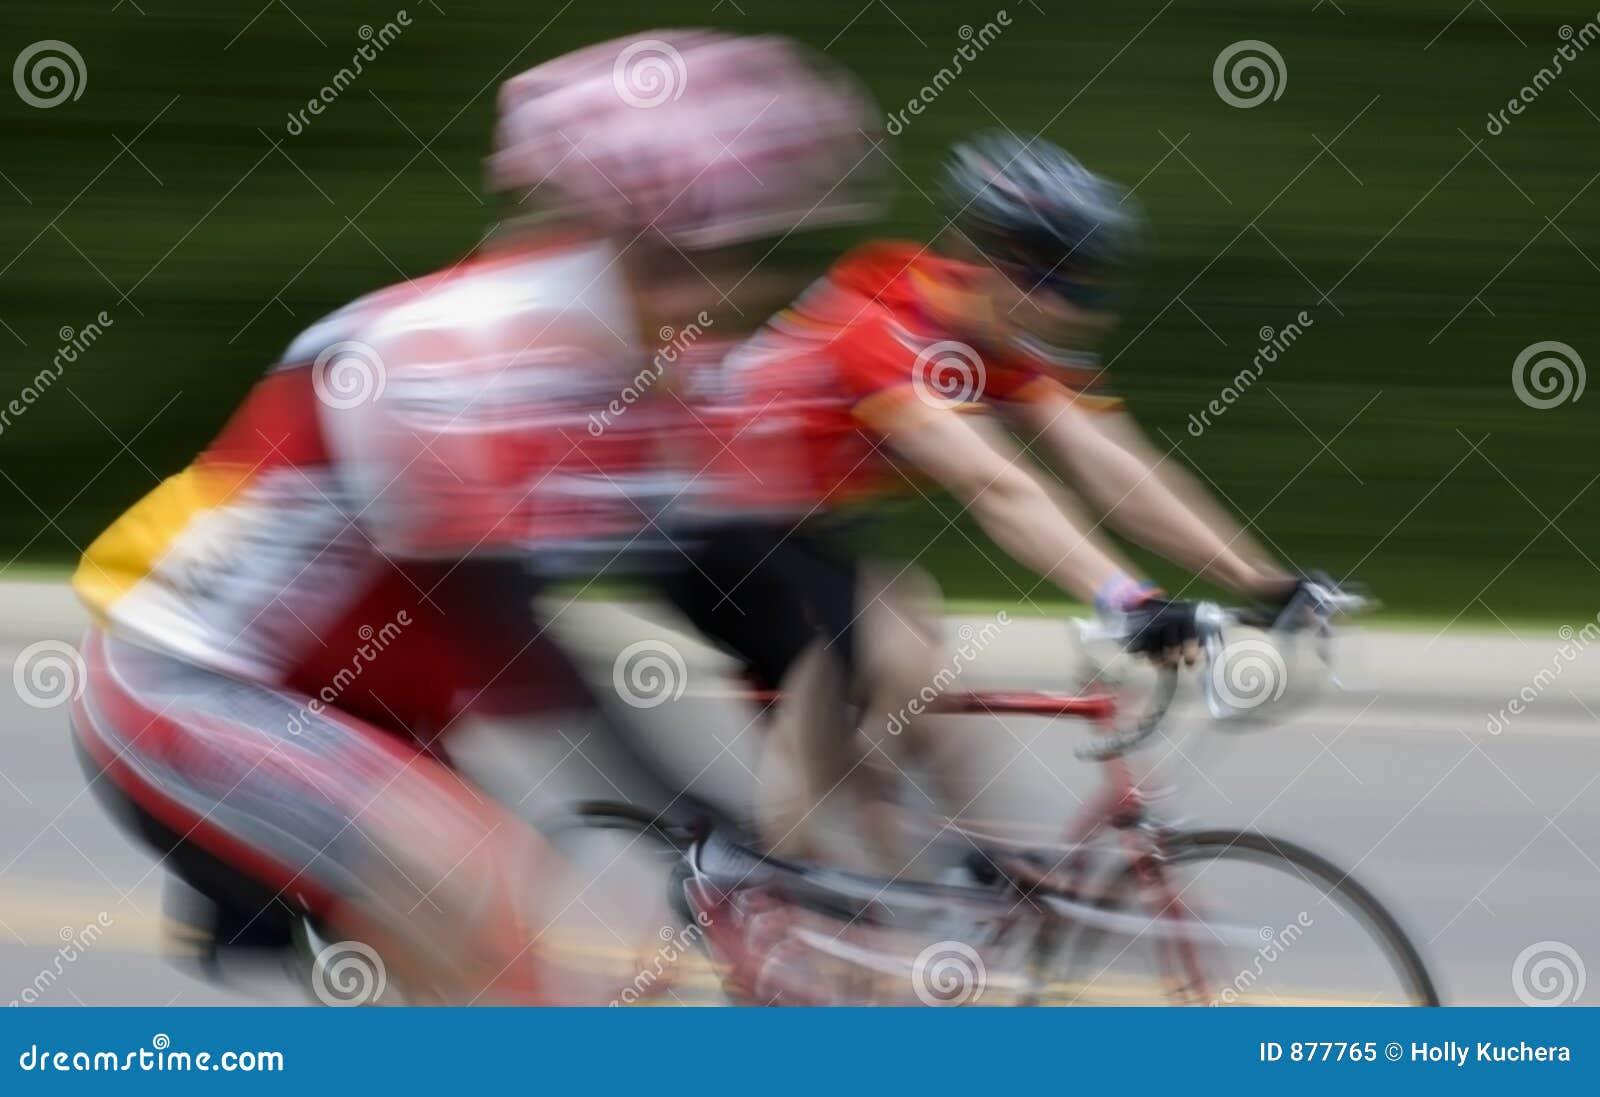 Plama rowerzystów szybkiego przepływu ruchu